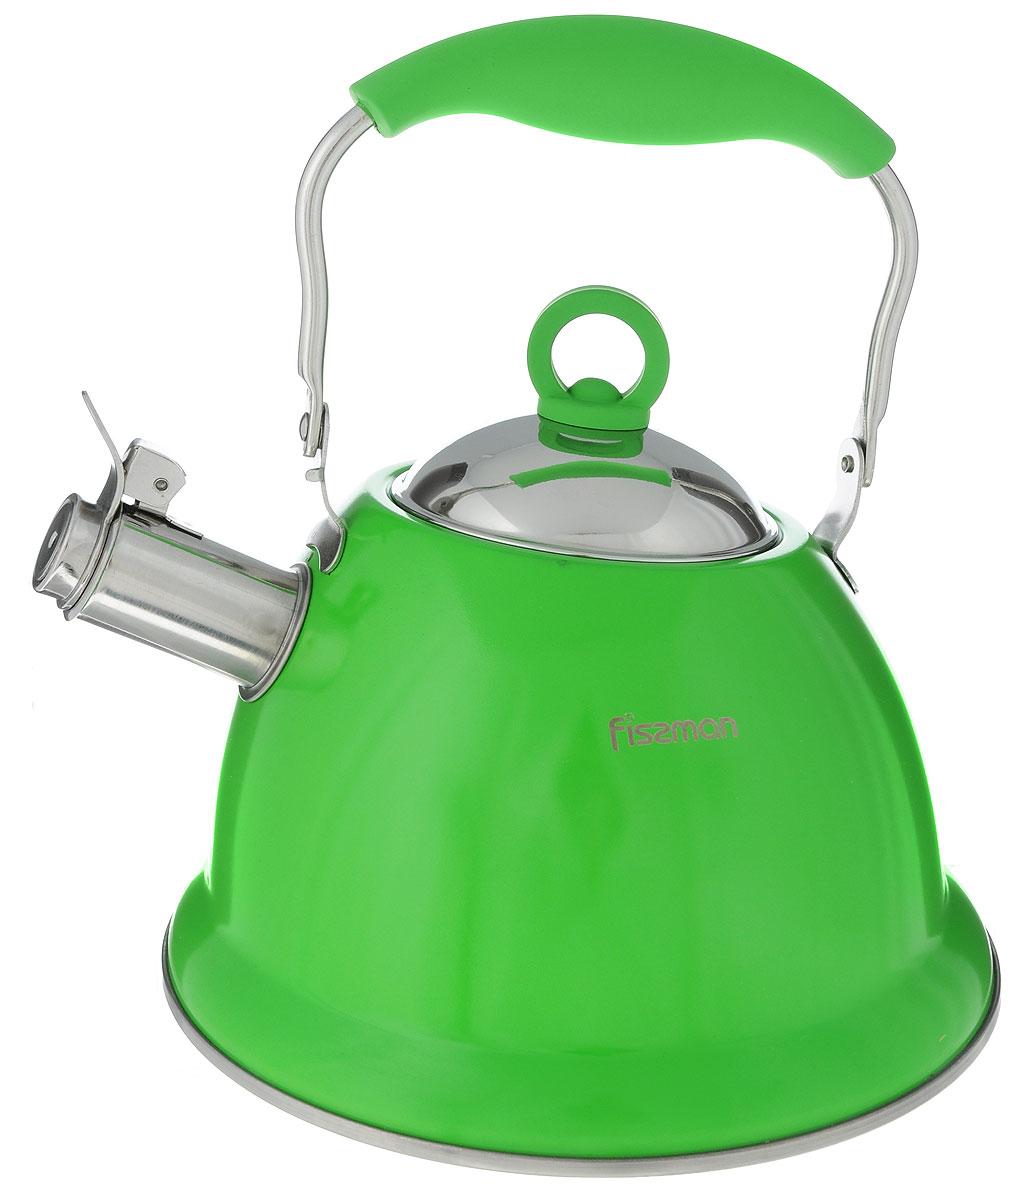 Чайник Fissman Florence, со свистком, цвет: зеленый, 2,6 лKT-5930.2.6_зеленыйЧайник Fissman Florence изготовлен из высококачественной нержавеющей стали 18/10. Нержавеющая сталь обладает высокой устойчивостью к коррозии, не вступает в реакцию с холодными и горячими продуктами и полностью сохраняет их вкусовые качества. Особая конструкция капсулированного дна способствует высокой теплопроводности и равномерному распределению тепла. Чайник оснащен удобной ручкой с силиконовым покрытием. Носик чайника имеет откидной свисток, звуковой сигнал которого подскажет, когда закипит вода. Благодаря чайнику Fissman Florence, вы будете постоянно ощущать тепло и уют на вашей кухне. Подходит для газовых, электрических, стеклокерамических, индукционных плит. Можно мыть в посудомоечной машине. Диаметр чайника (по верхнему краю): 9,5 см. Высота чайника (без учета крышки и ручки): 13 см. Высота чайника (с учетом ручки): 25,5 см.